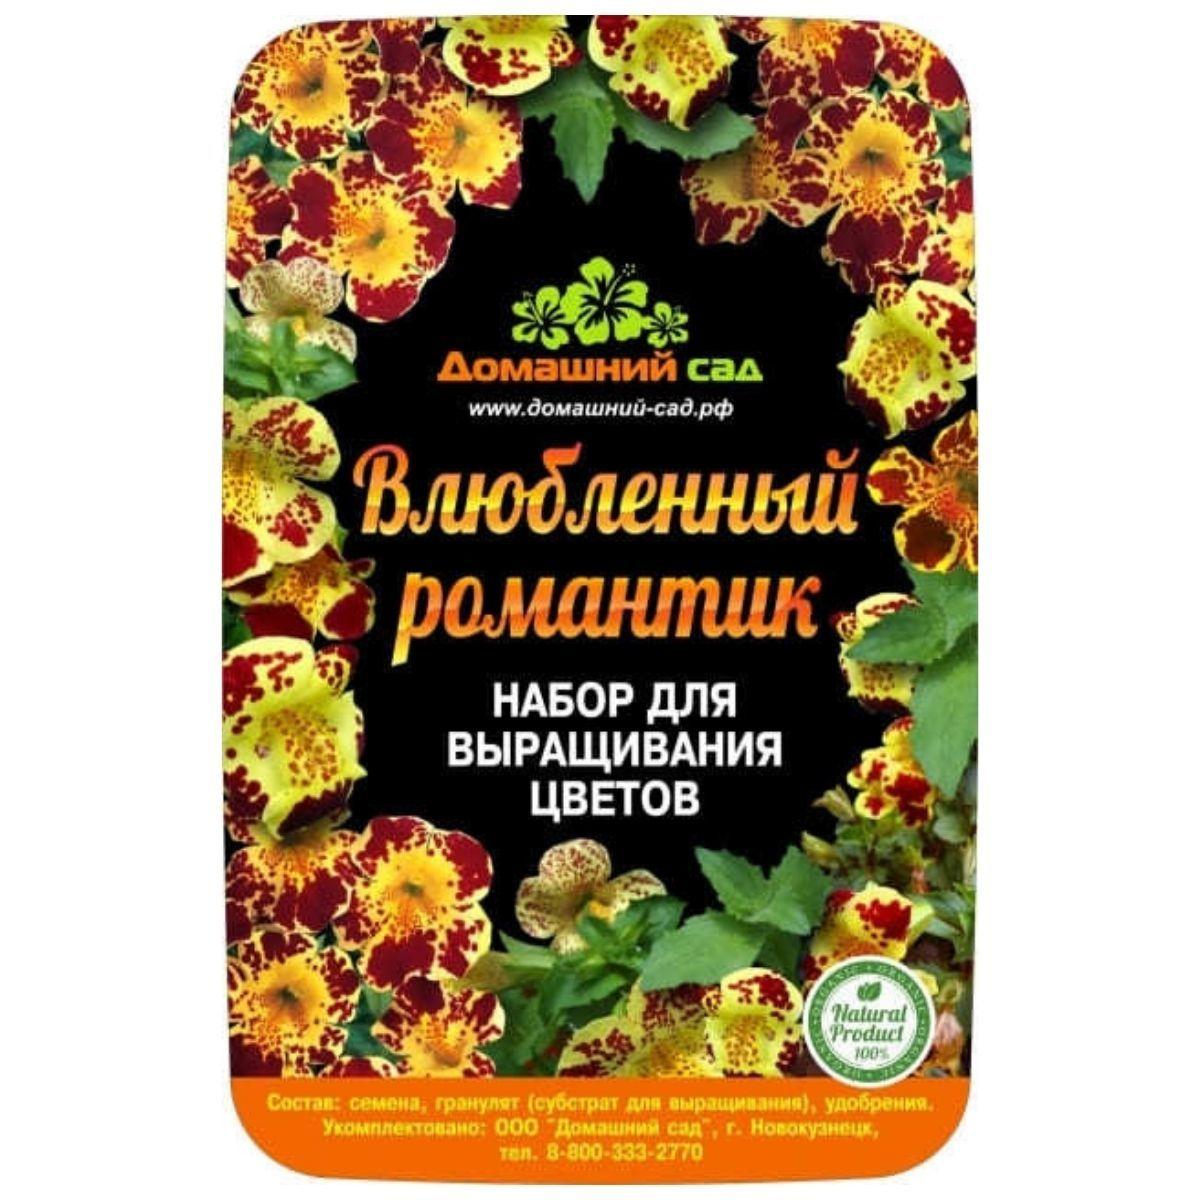 Набор для выращивания цветов Домашний сад «Влюбленный романтик»